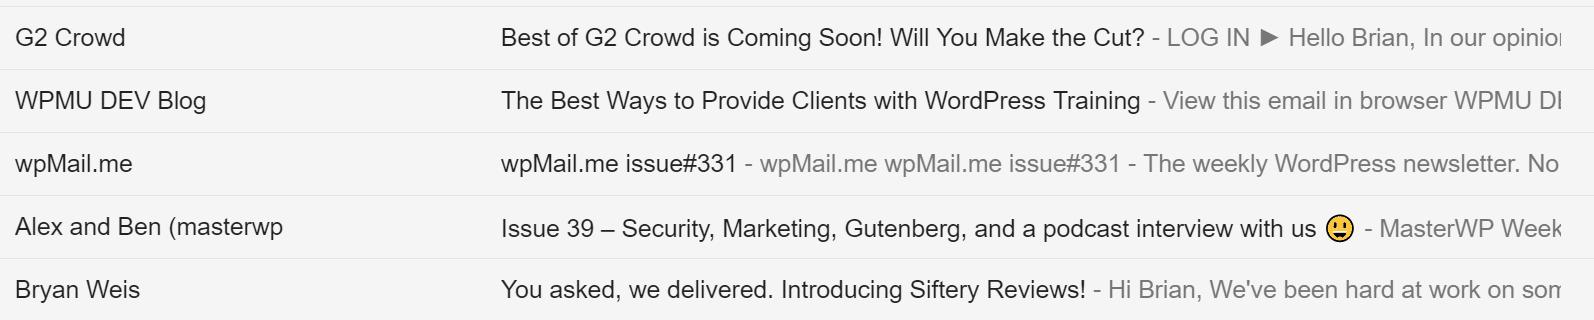 Ligne de sujet de l'email marketing